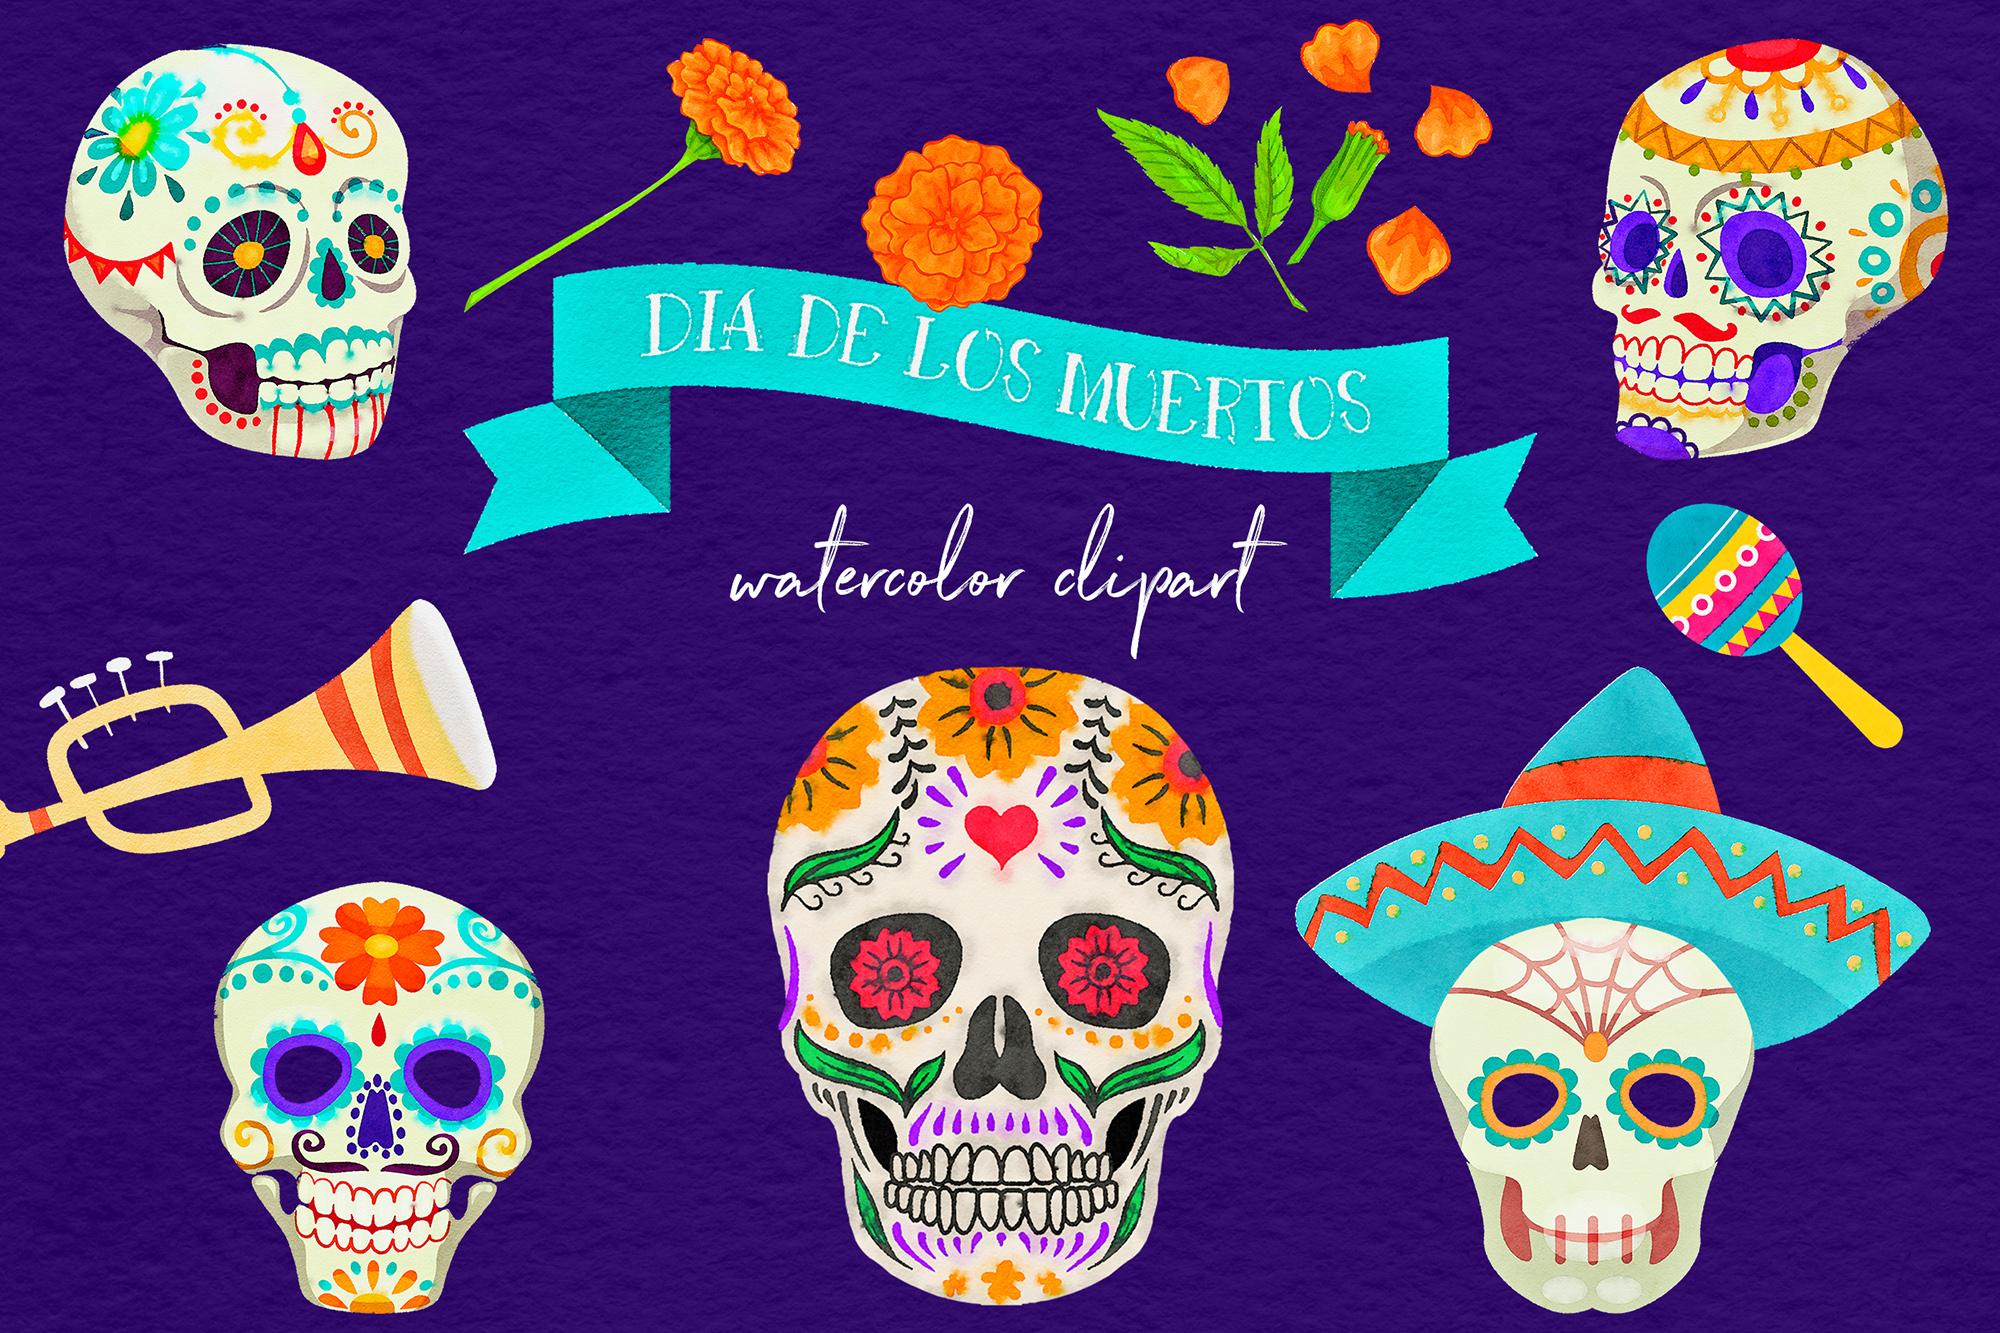 freeuse download Watercolor . Dia de los muertos clipart.